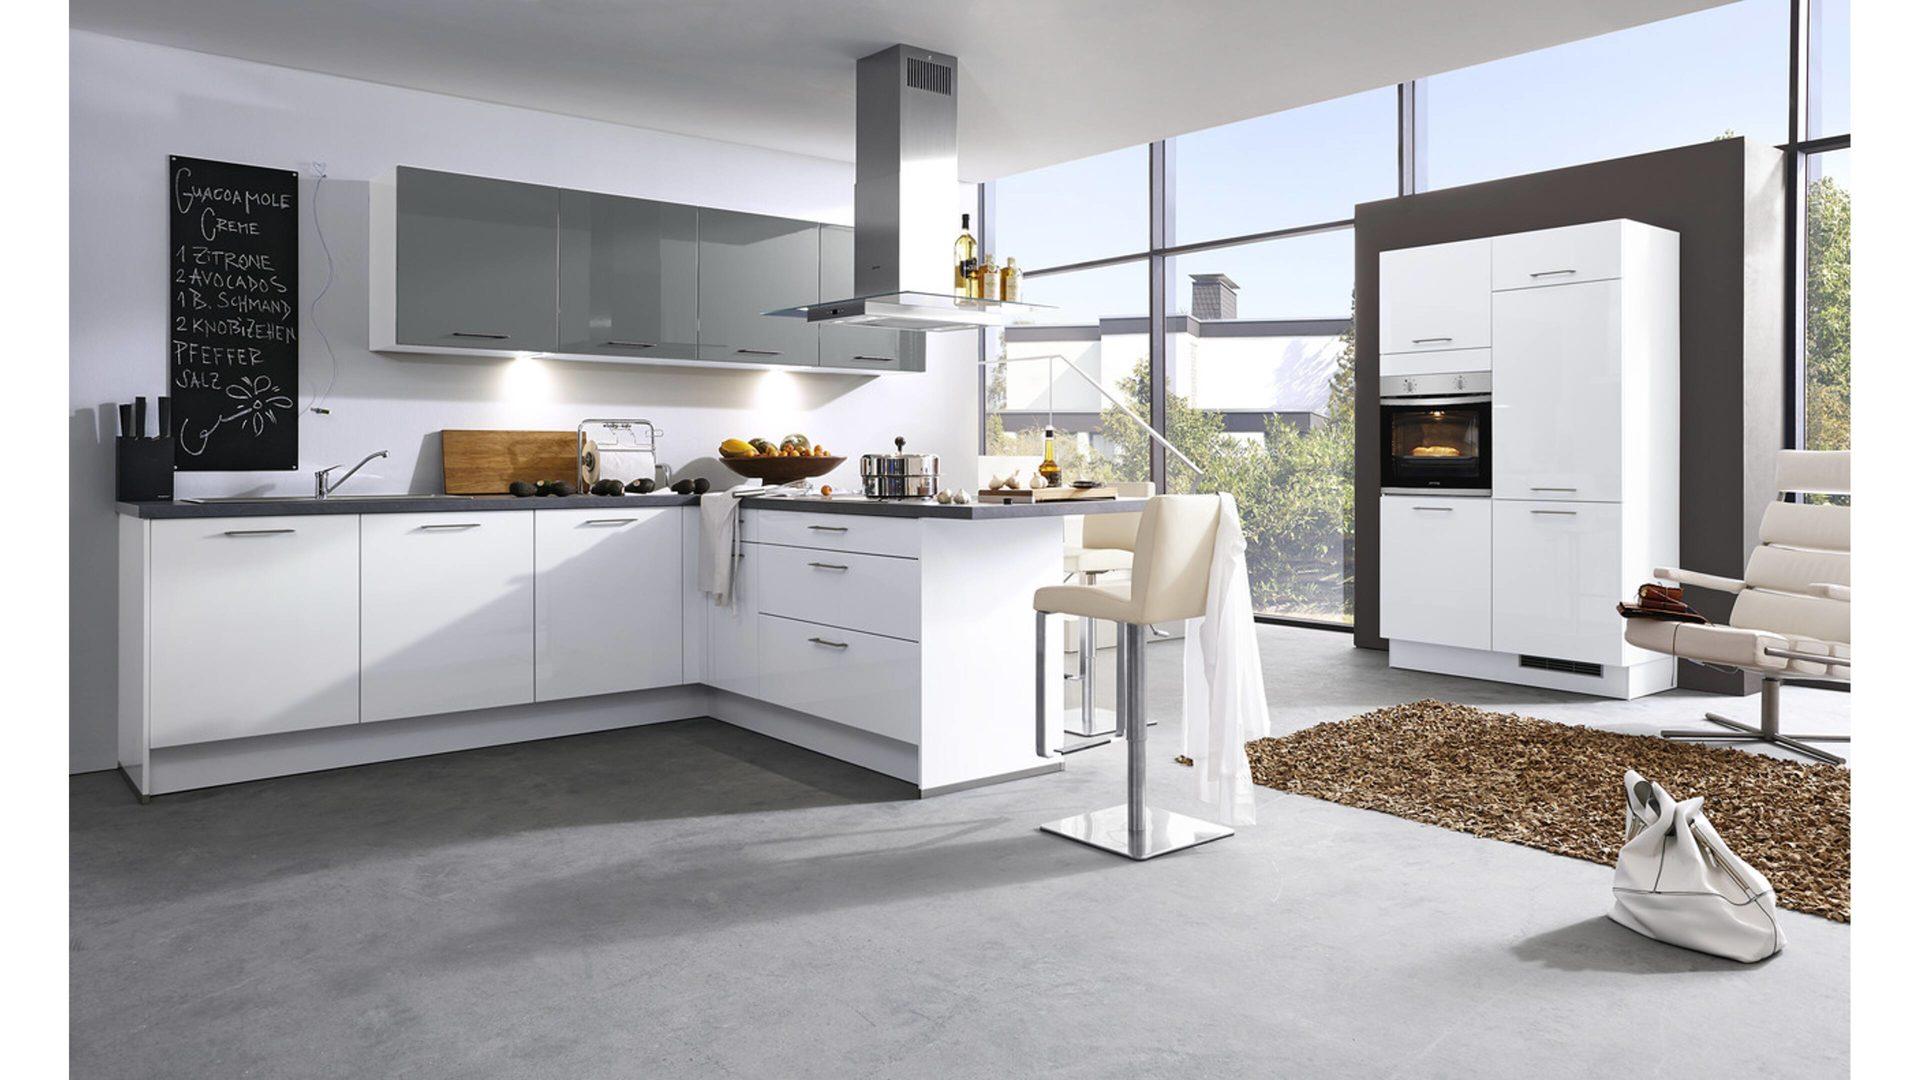 Küchen Coesfeld möbel boer coesfeld markenshops einbauküchen culineo küche mit